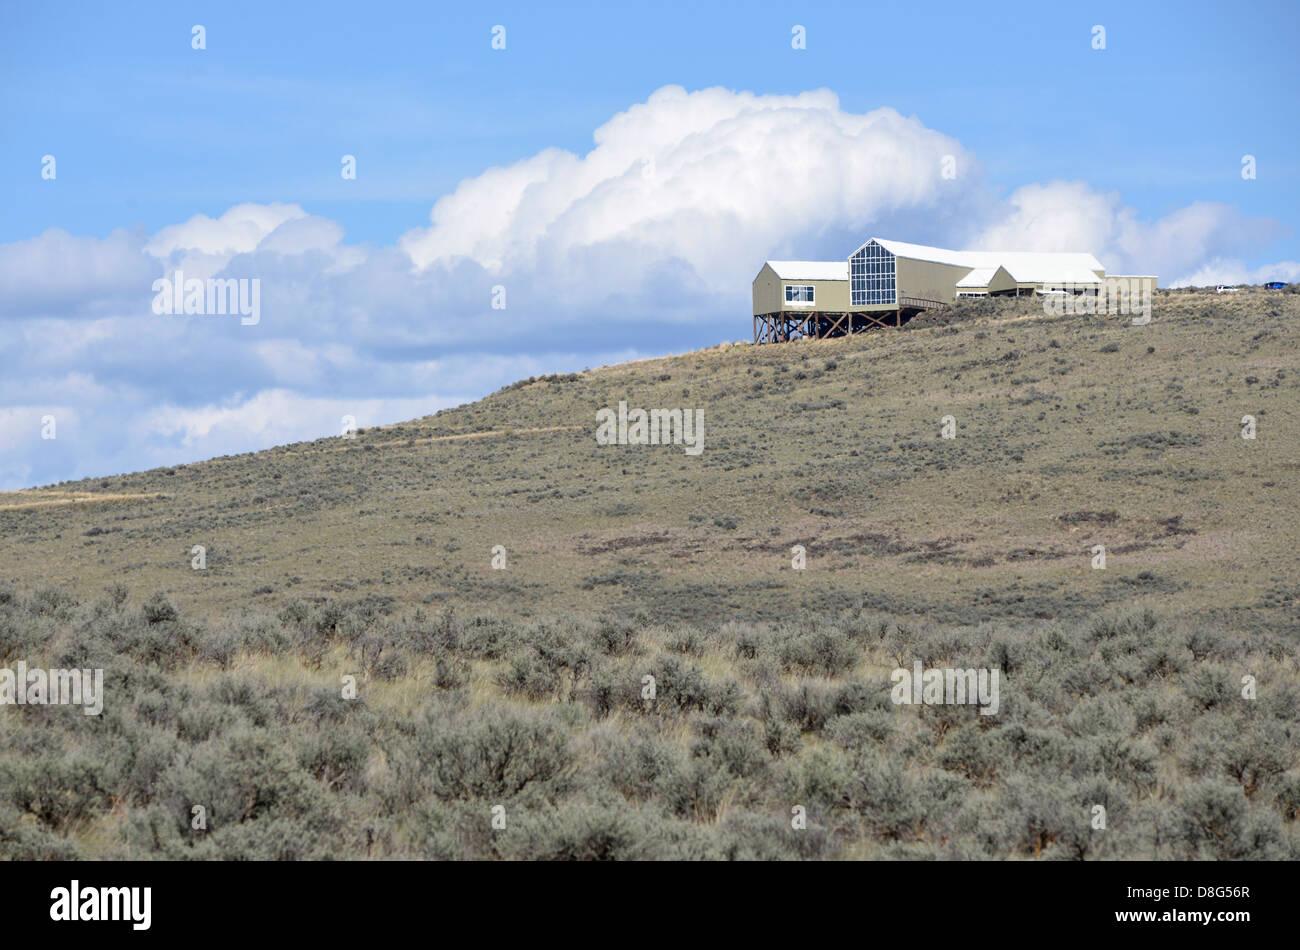 Oregon Trail Interpretive Center in Northeastern Oregon. - Stock Image